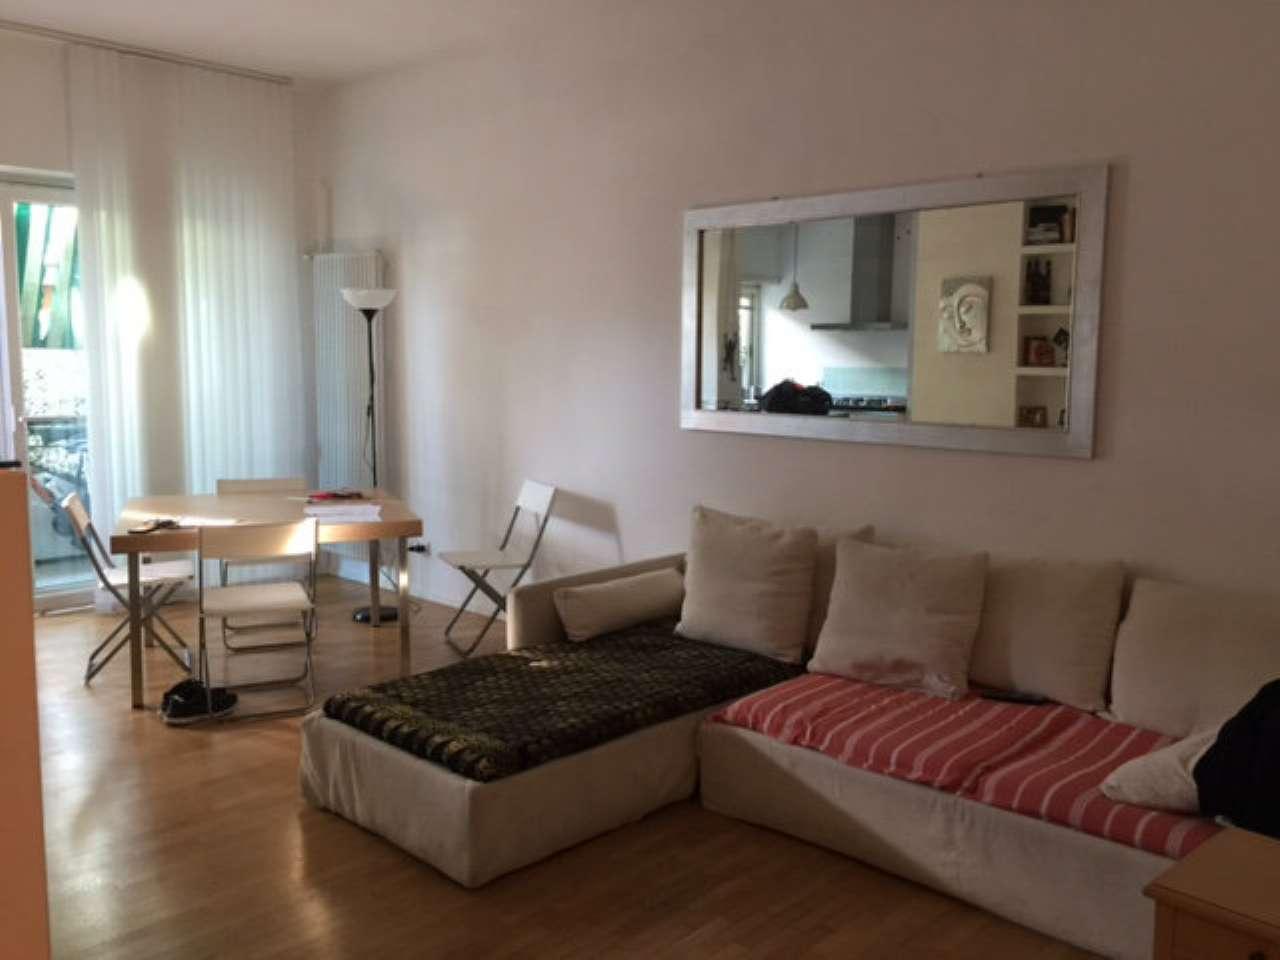 Appartamento in vendita a Roma, 2 locali, zona Zona: 38 . Acilia, Vitinia, Infernetto, Axa, Casal Palocco, Madonnetta, prezzo € 199.000 | CambioCasa.it